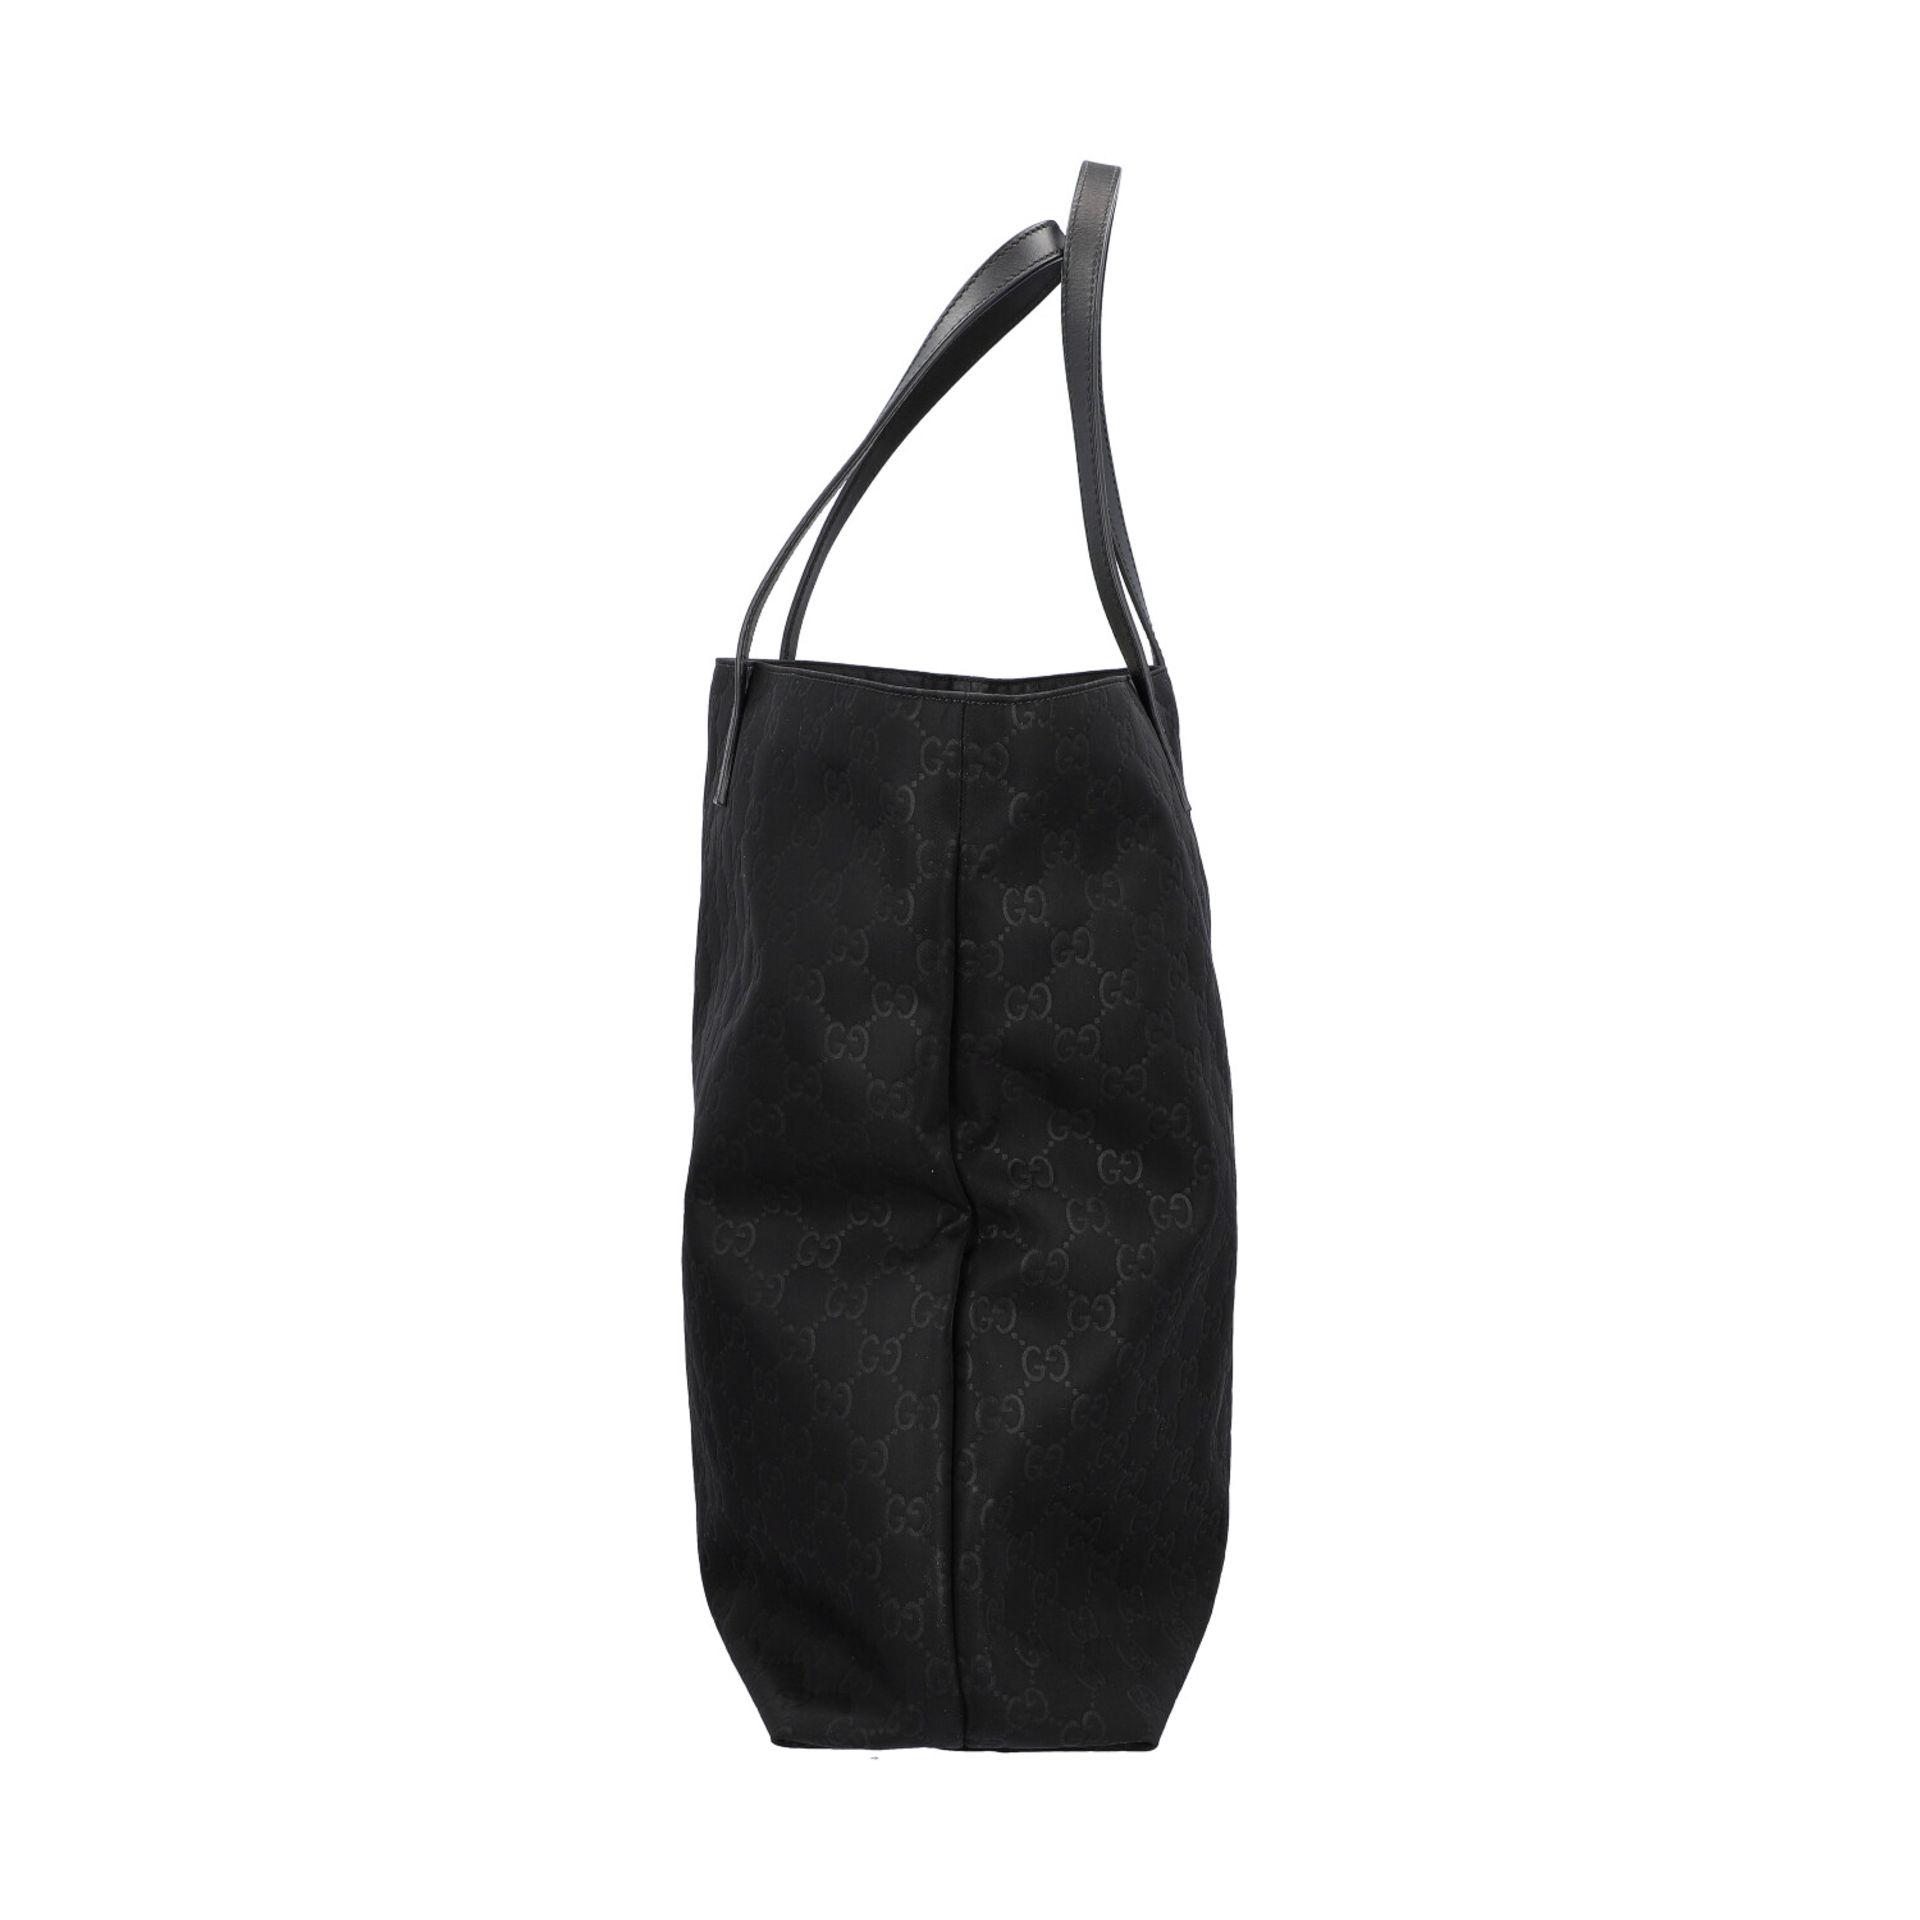 GUCCI Shoppertasche, NP. ca.: 1.000,-€. Textil in Schwarz mit GG-Supreme Muster und - Image 3 of 8